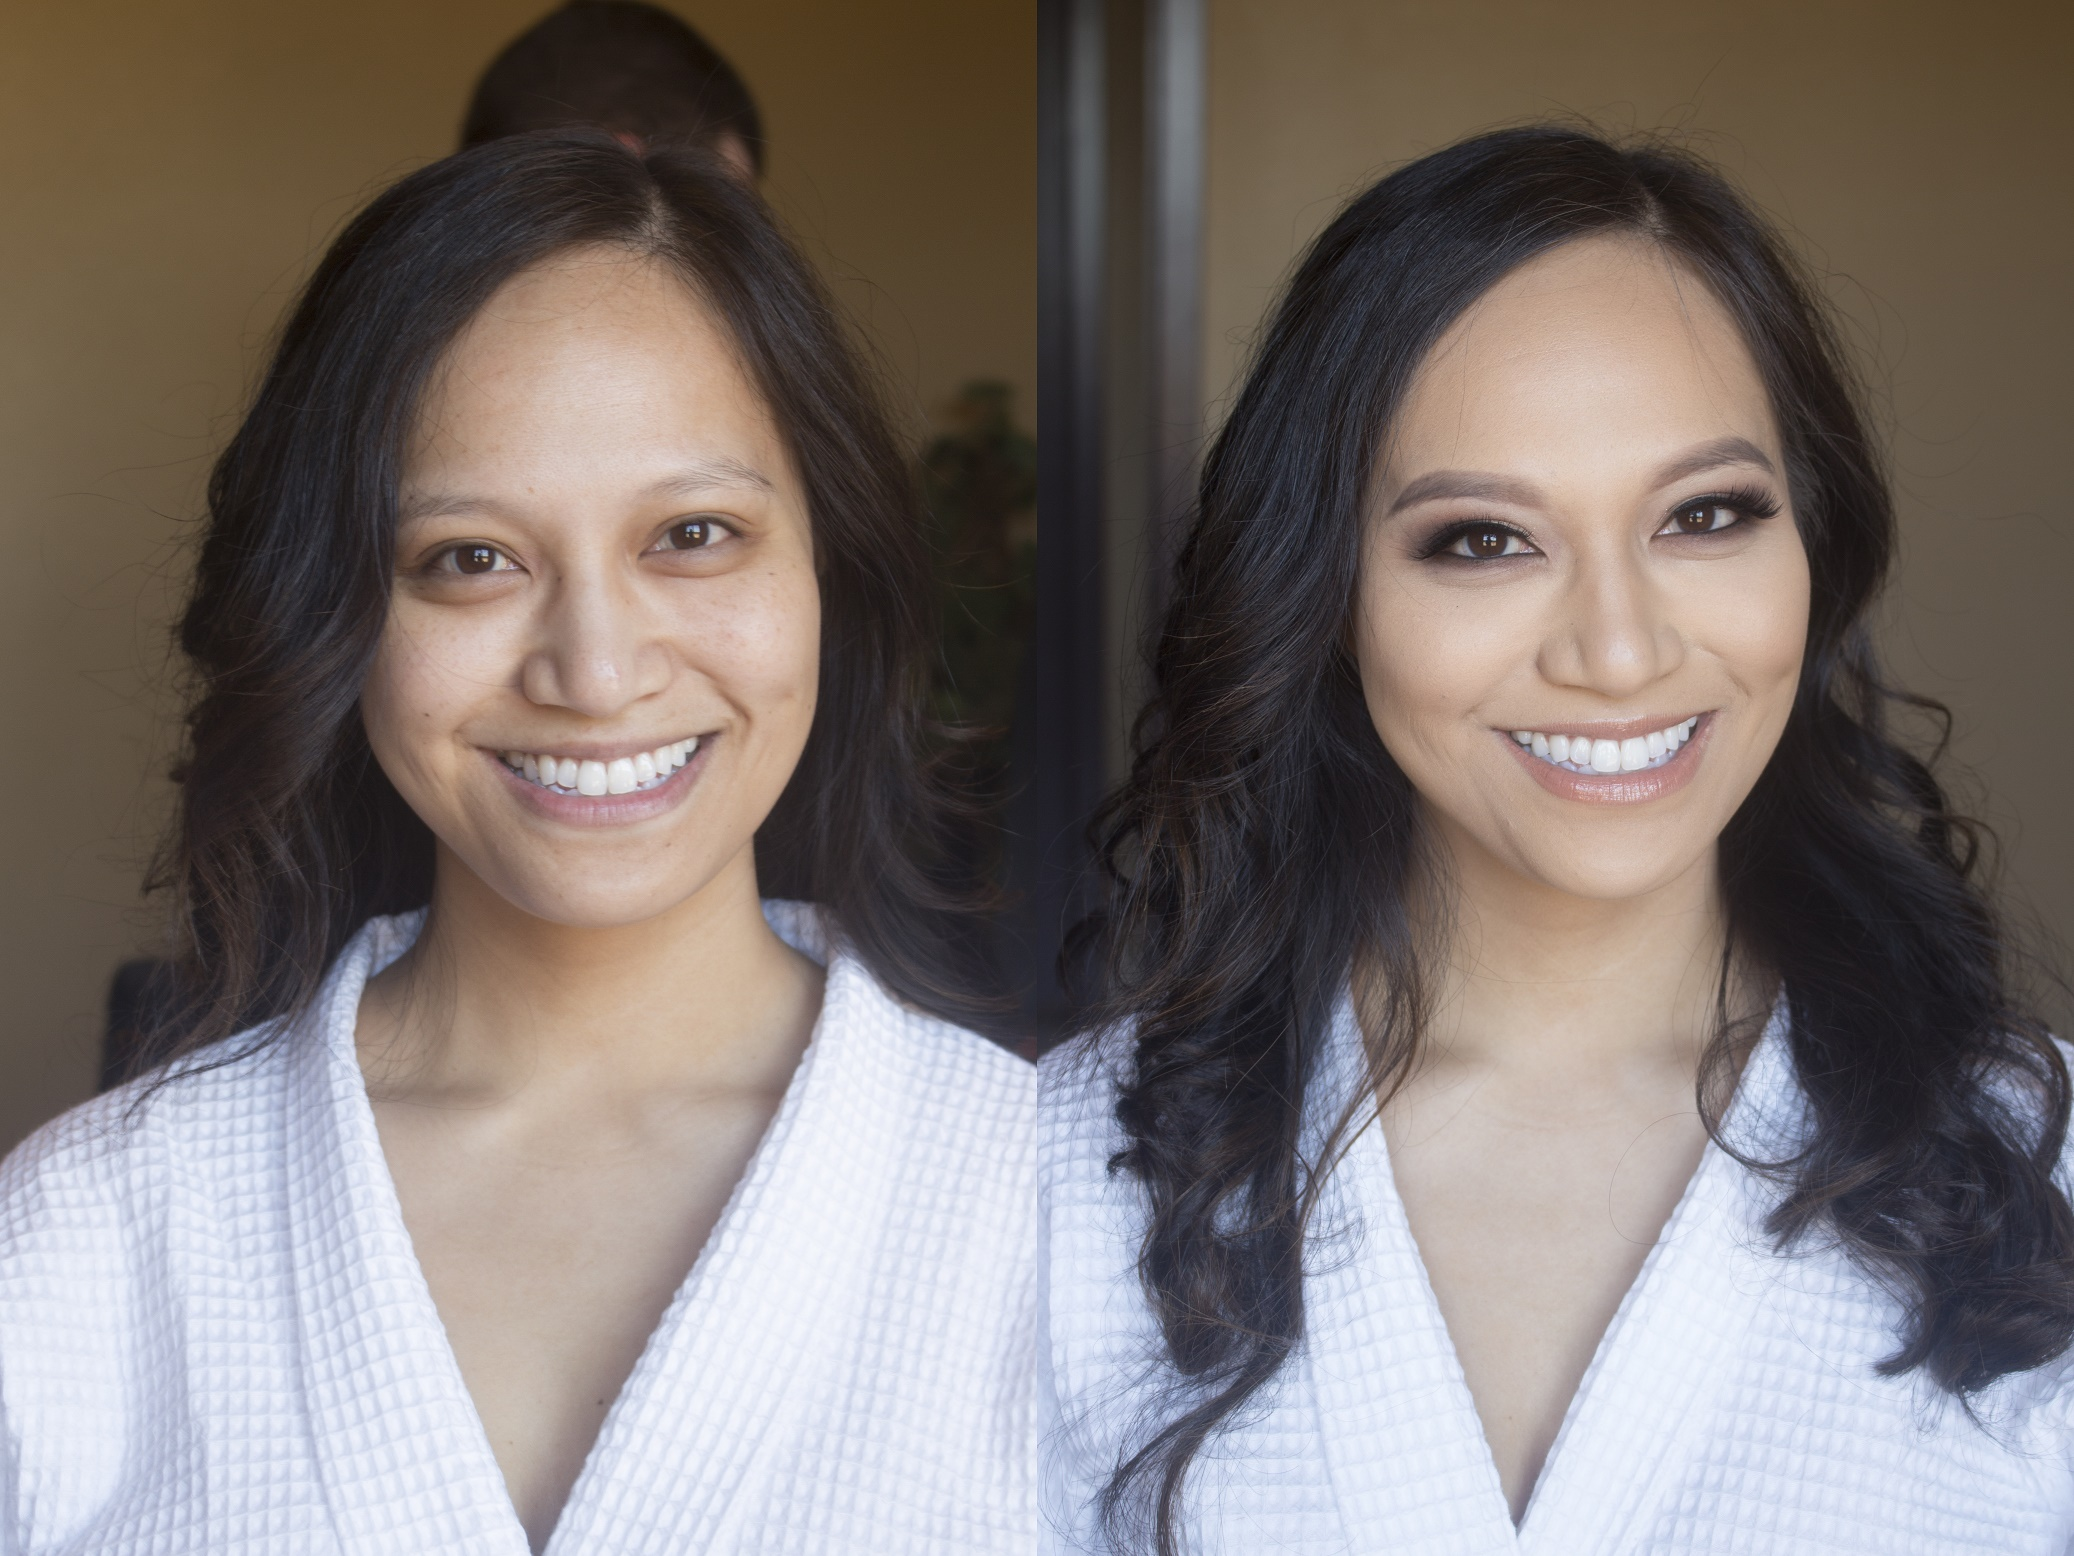 Before&afterKrystleweddingday.jpg